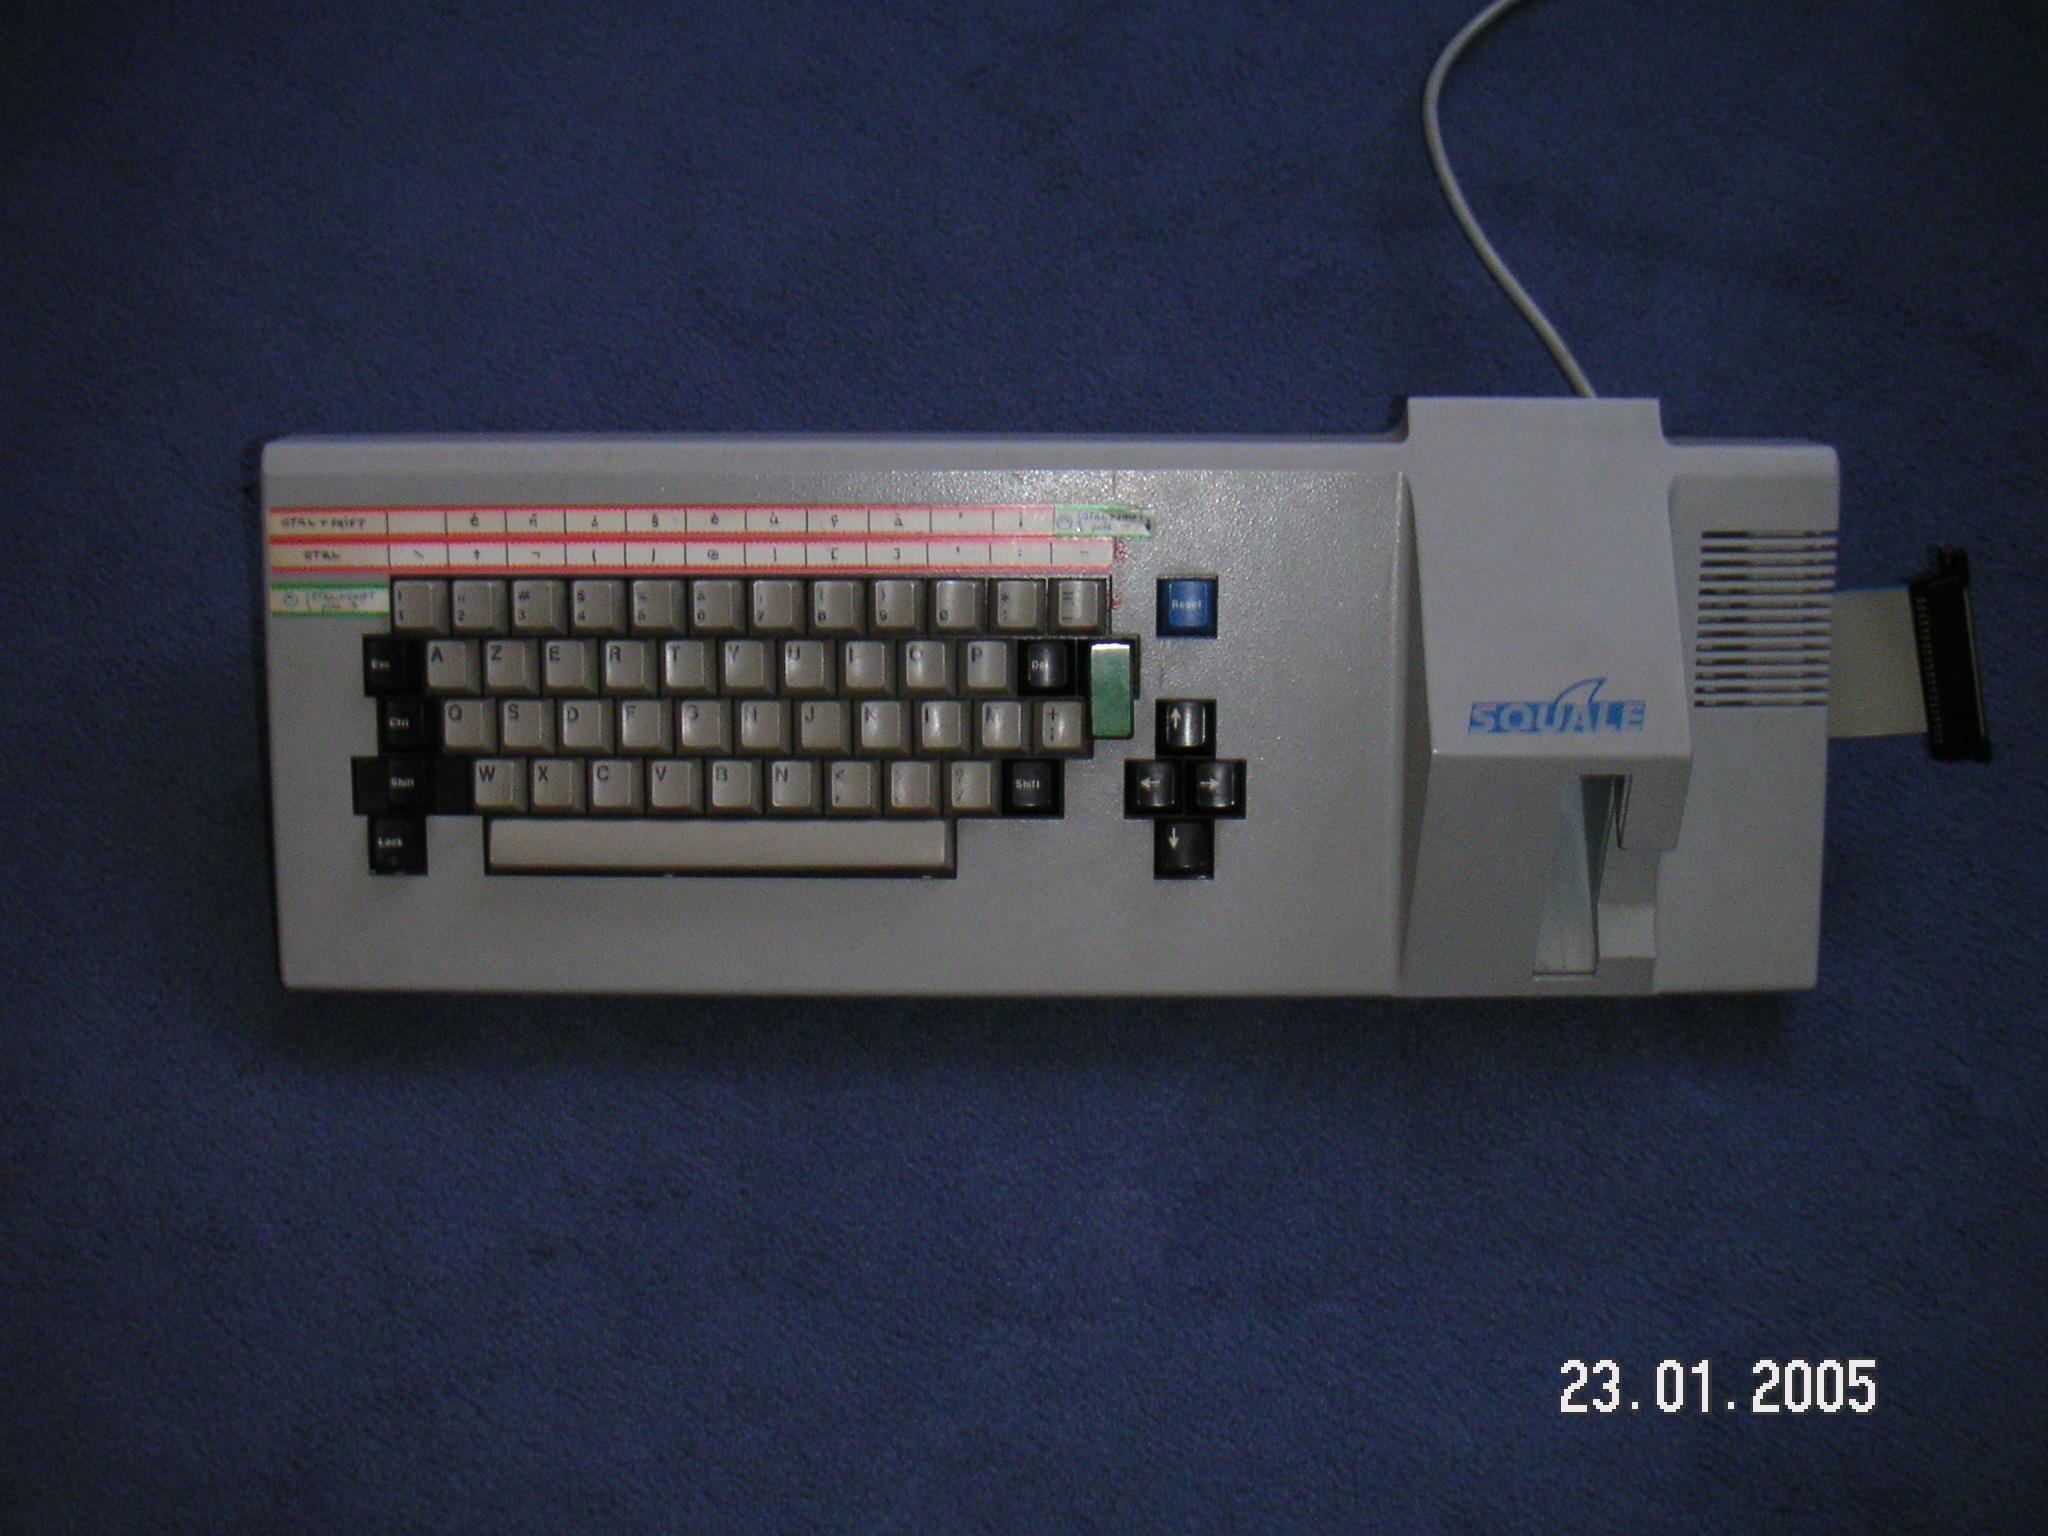 Débat : Le plus bel ordinateur 8/16 bit - Page 3 PICT0028